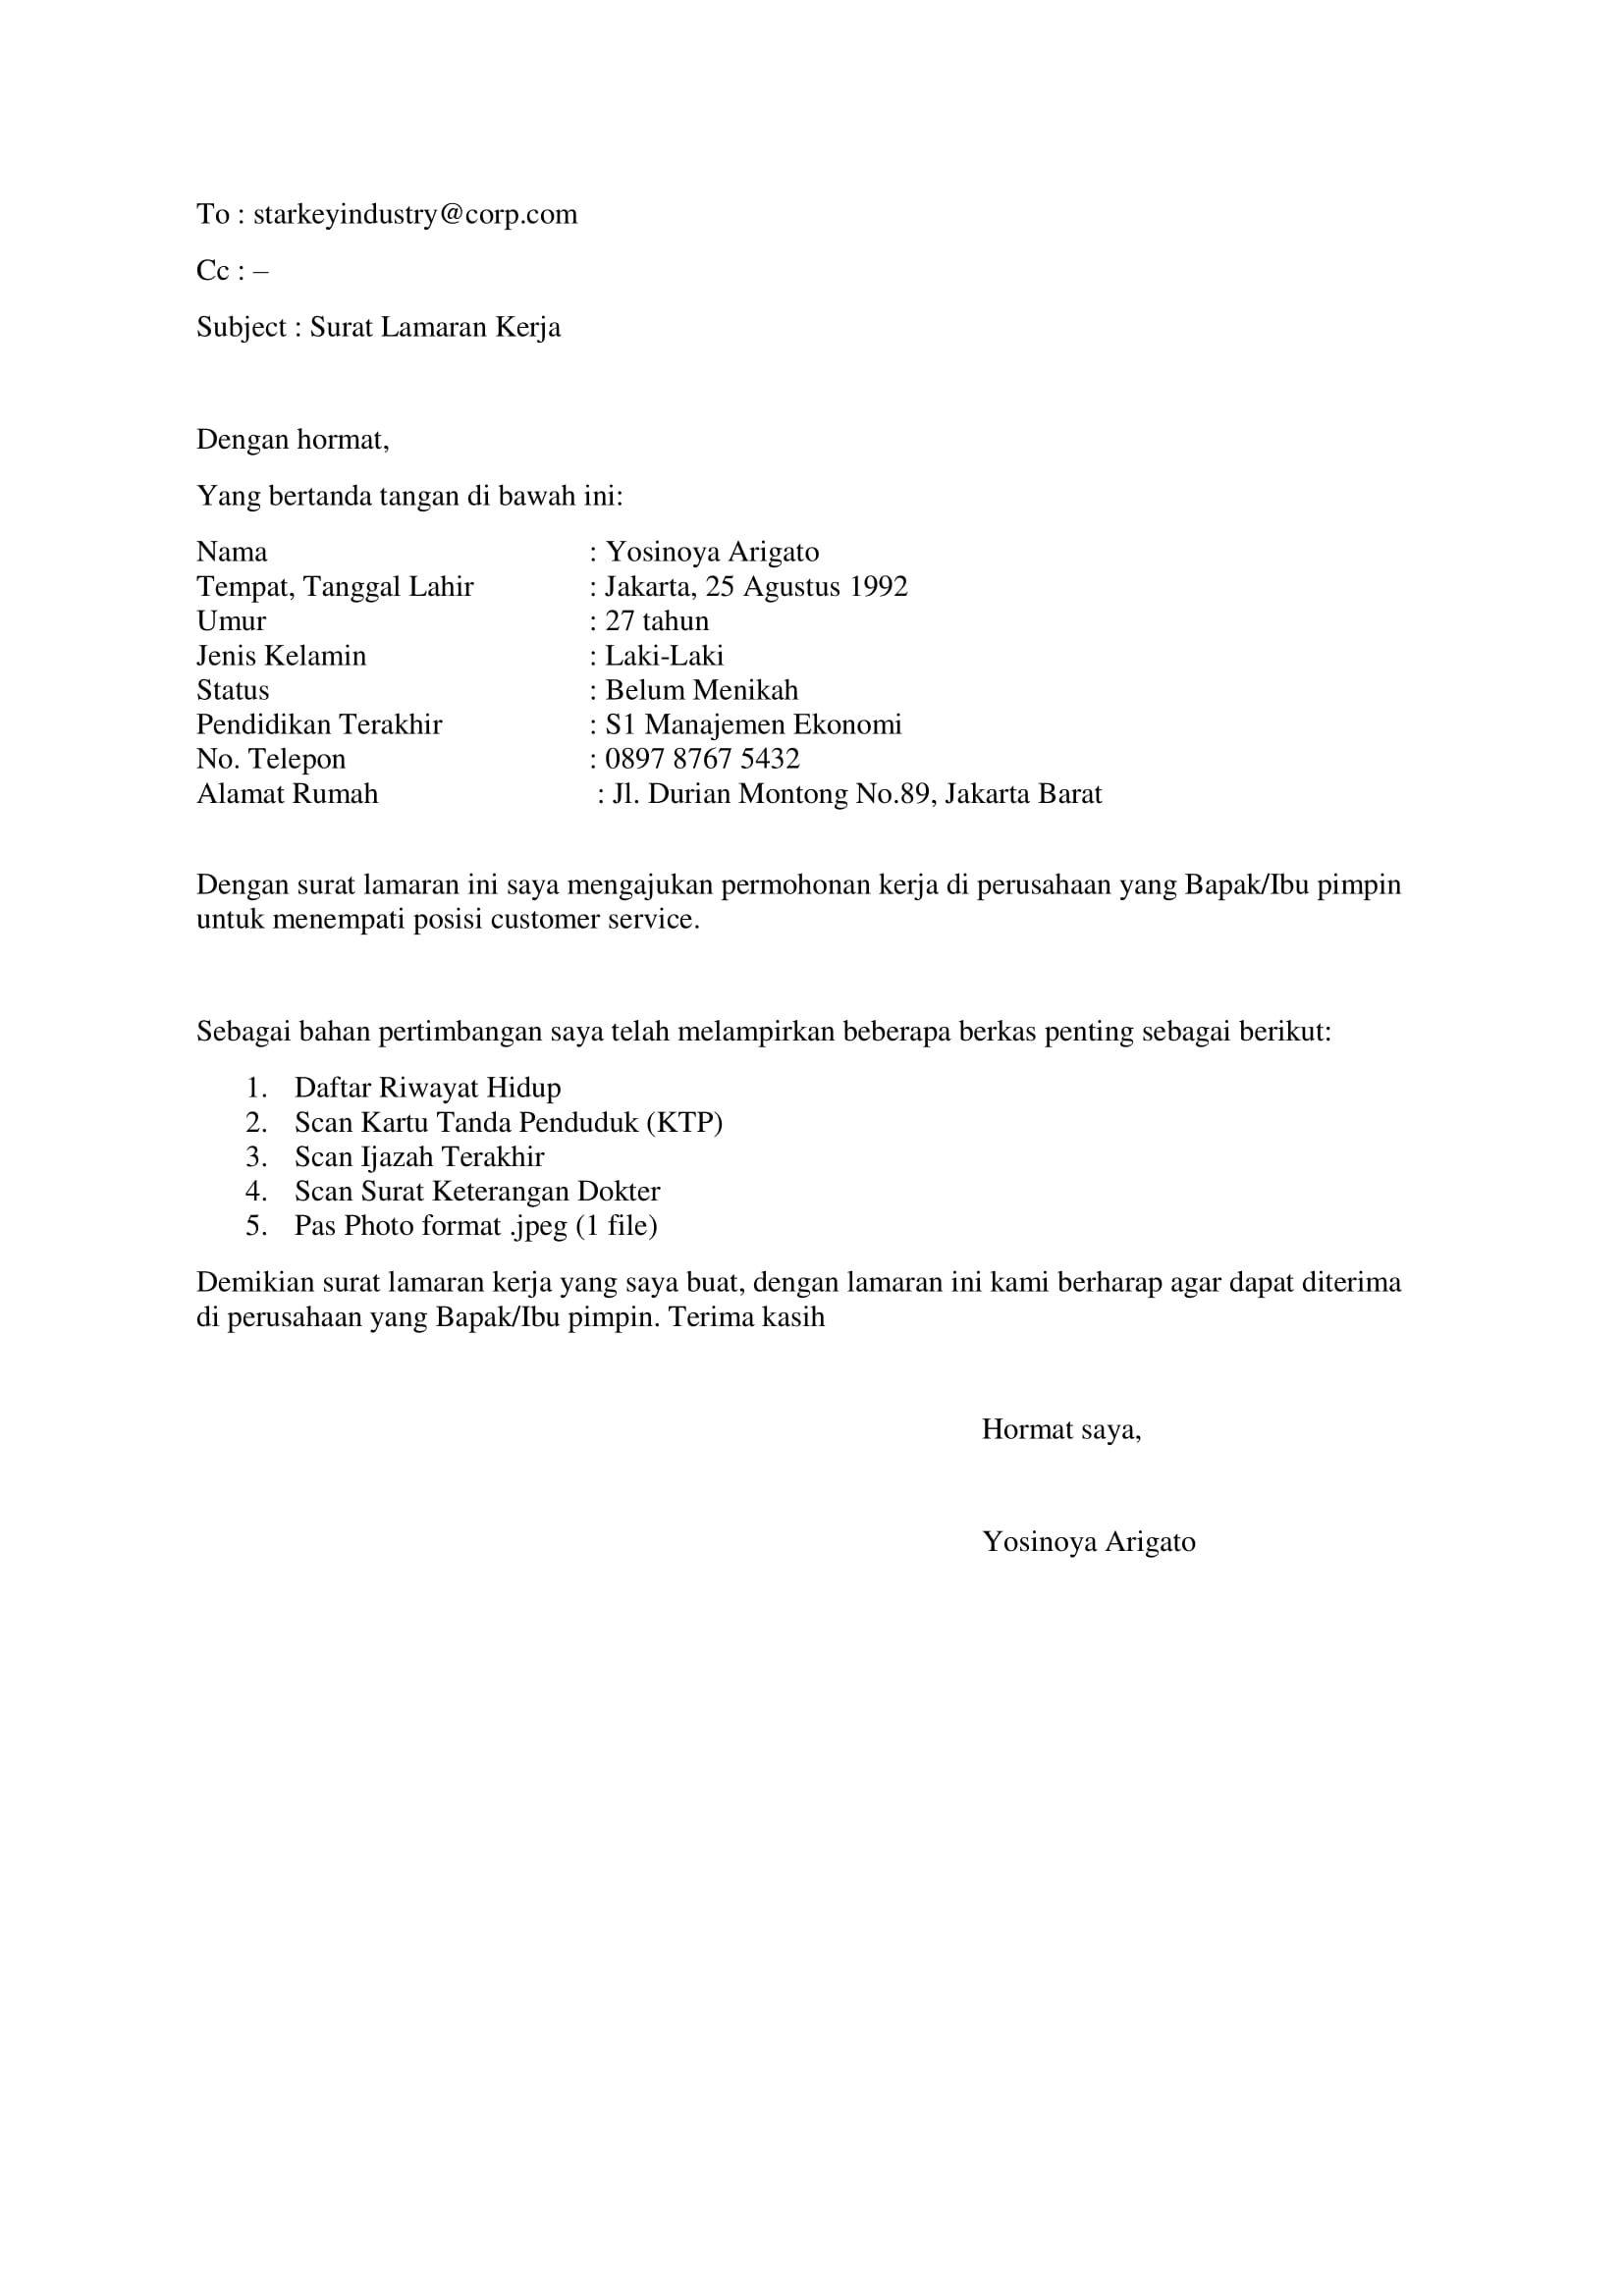 Download Contoh Surat Lamaran Kerja Indomaret 2020 Tulis Tangan Di 2021 Surat Tulisan Pembuka Surat